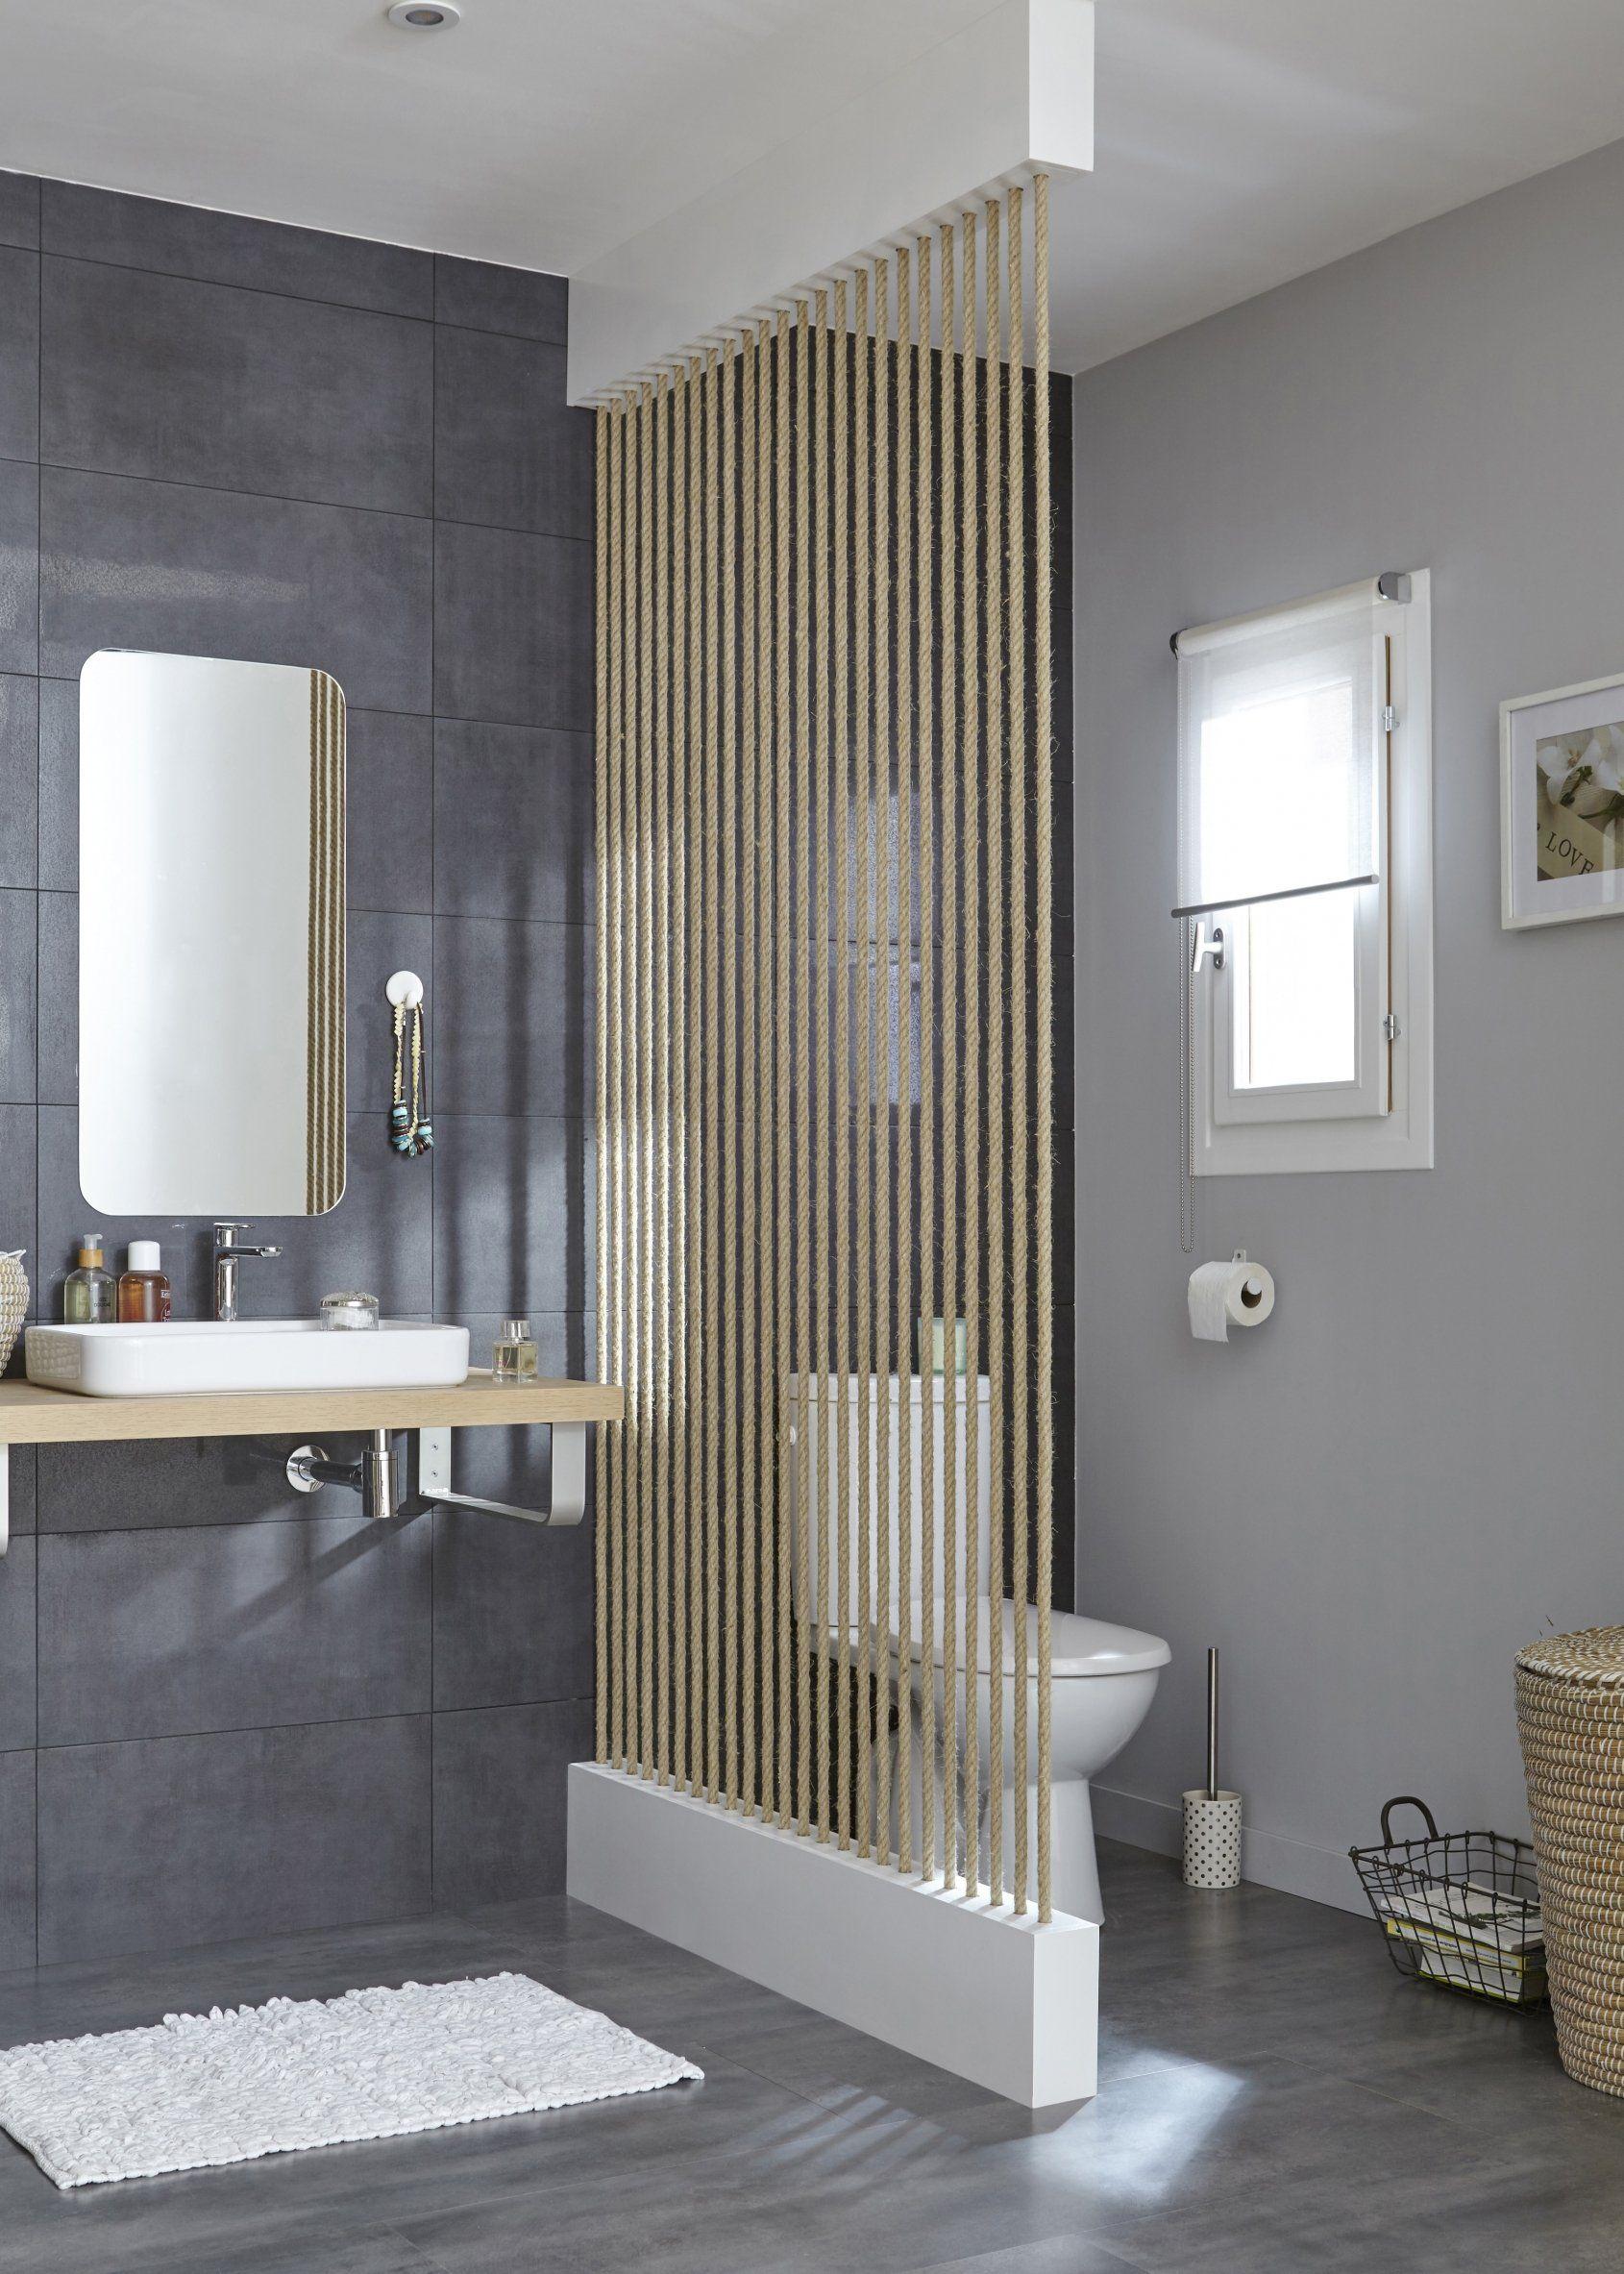 des cordes pour séparer les wc de la salle de bains | salle de ... - Paravent Salle De Bain